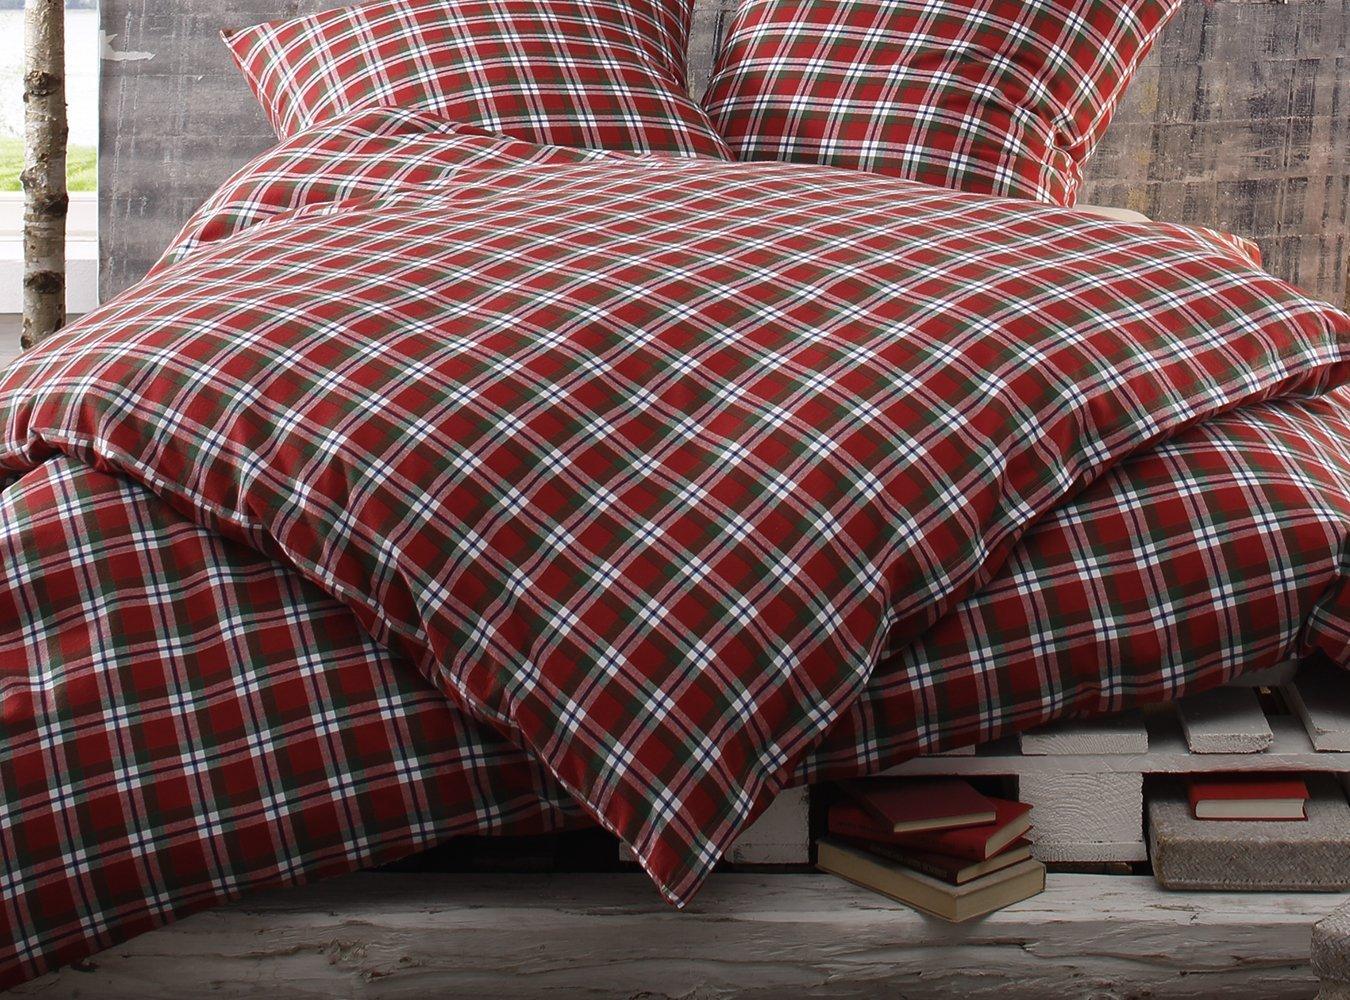 Bettwaesche-mit-Stil Warme Fein-Flanell Winter Bettwäsche Toronto Landhaus Karo Rot 200 Grün Weiß Kariert (200 cm x 200 Rot cm + 2 x 80 x 80) 1e86e0